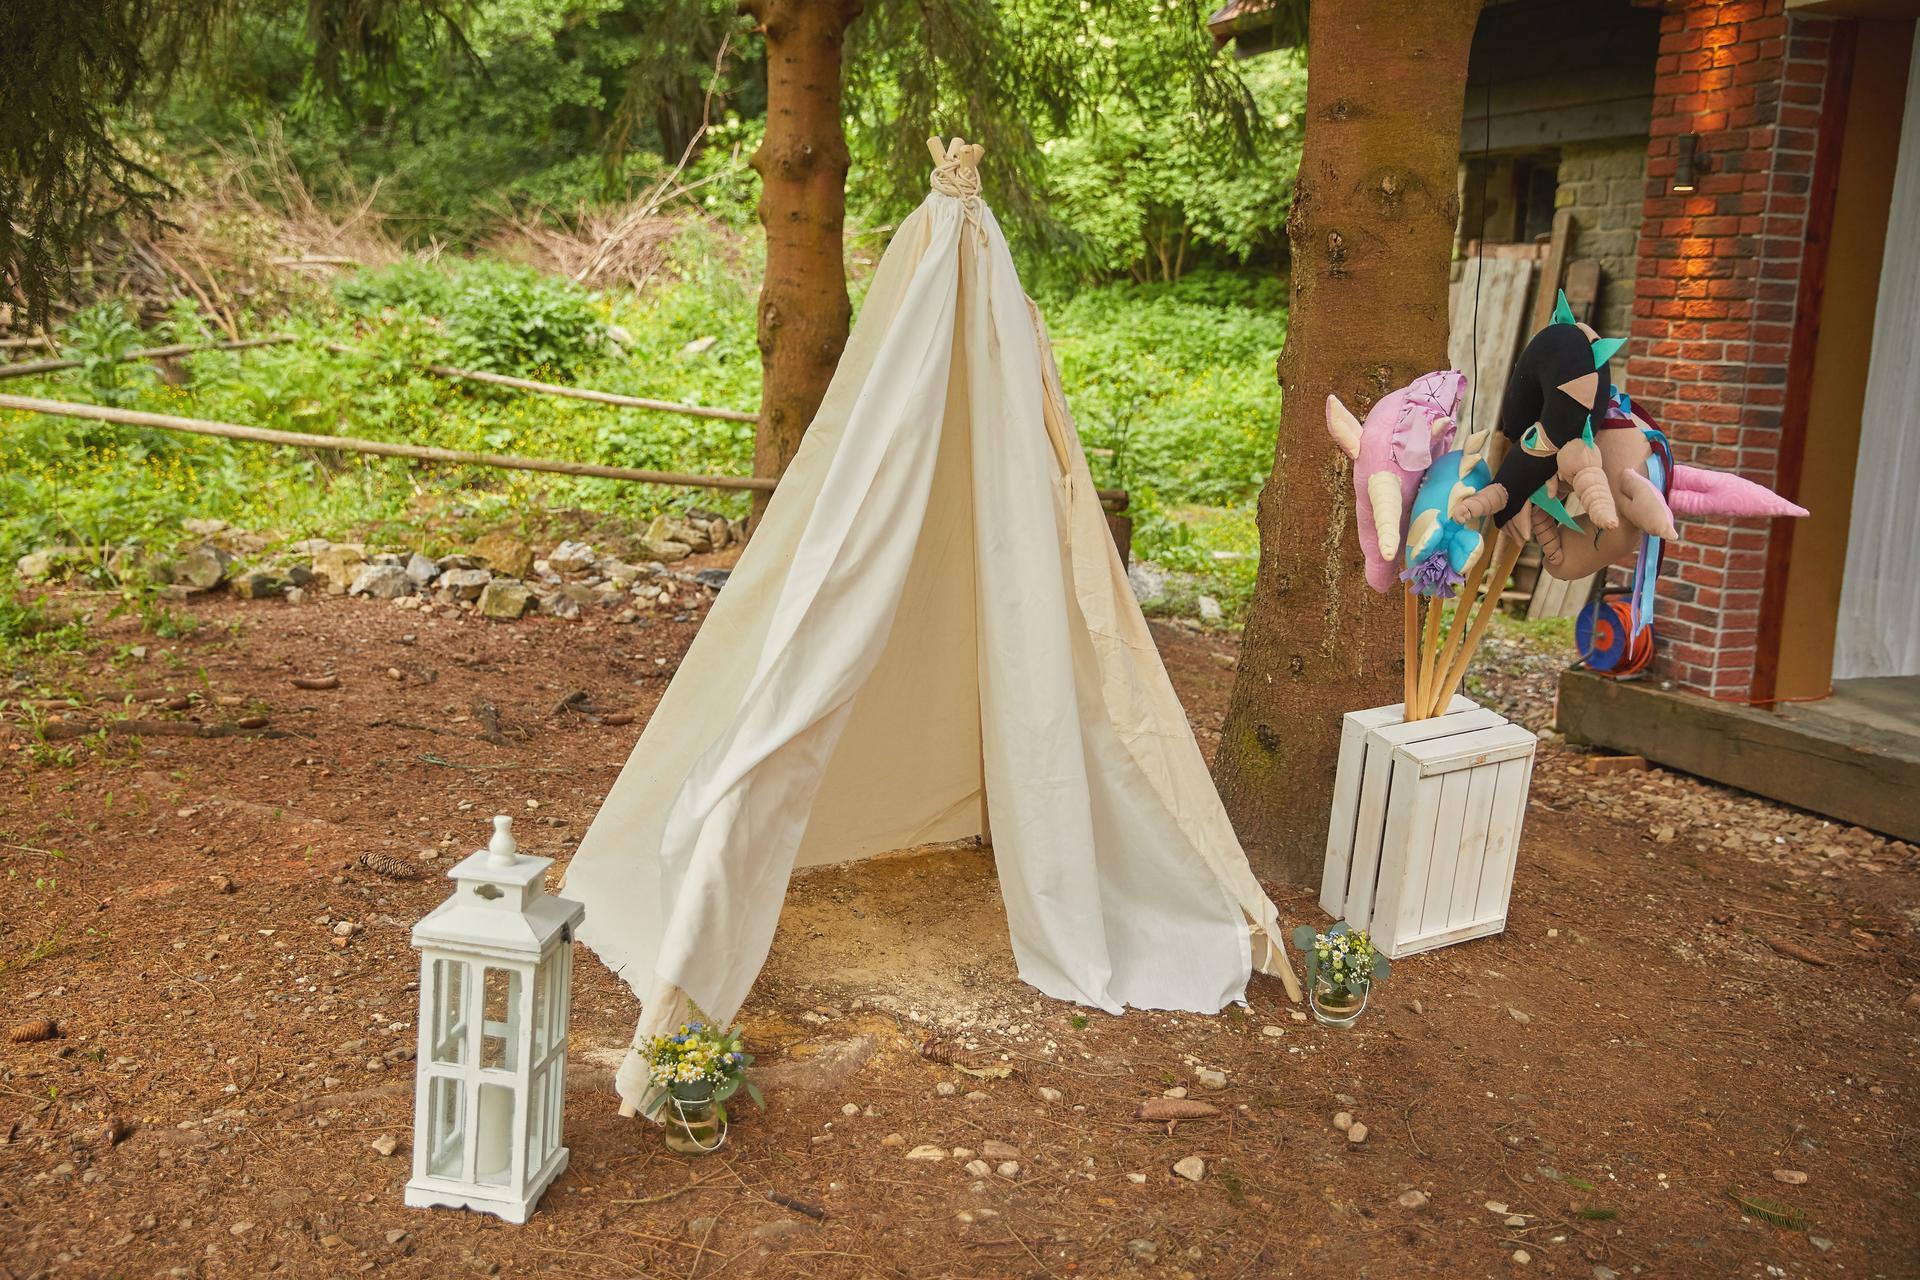 Svatba 6.6.2020 - Dětský koutek v lesíku.